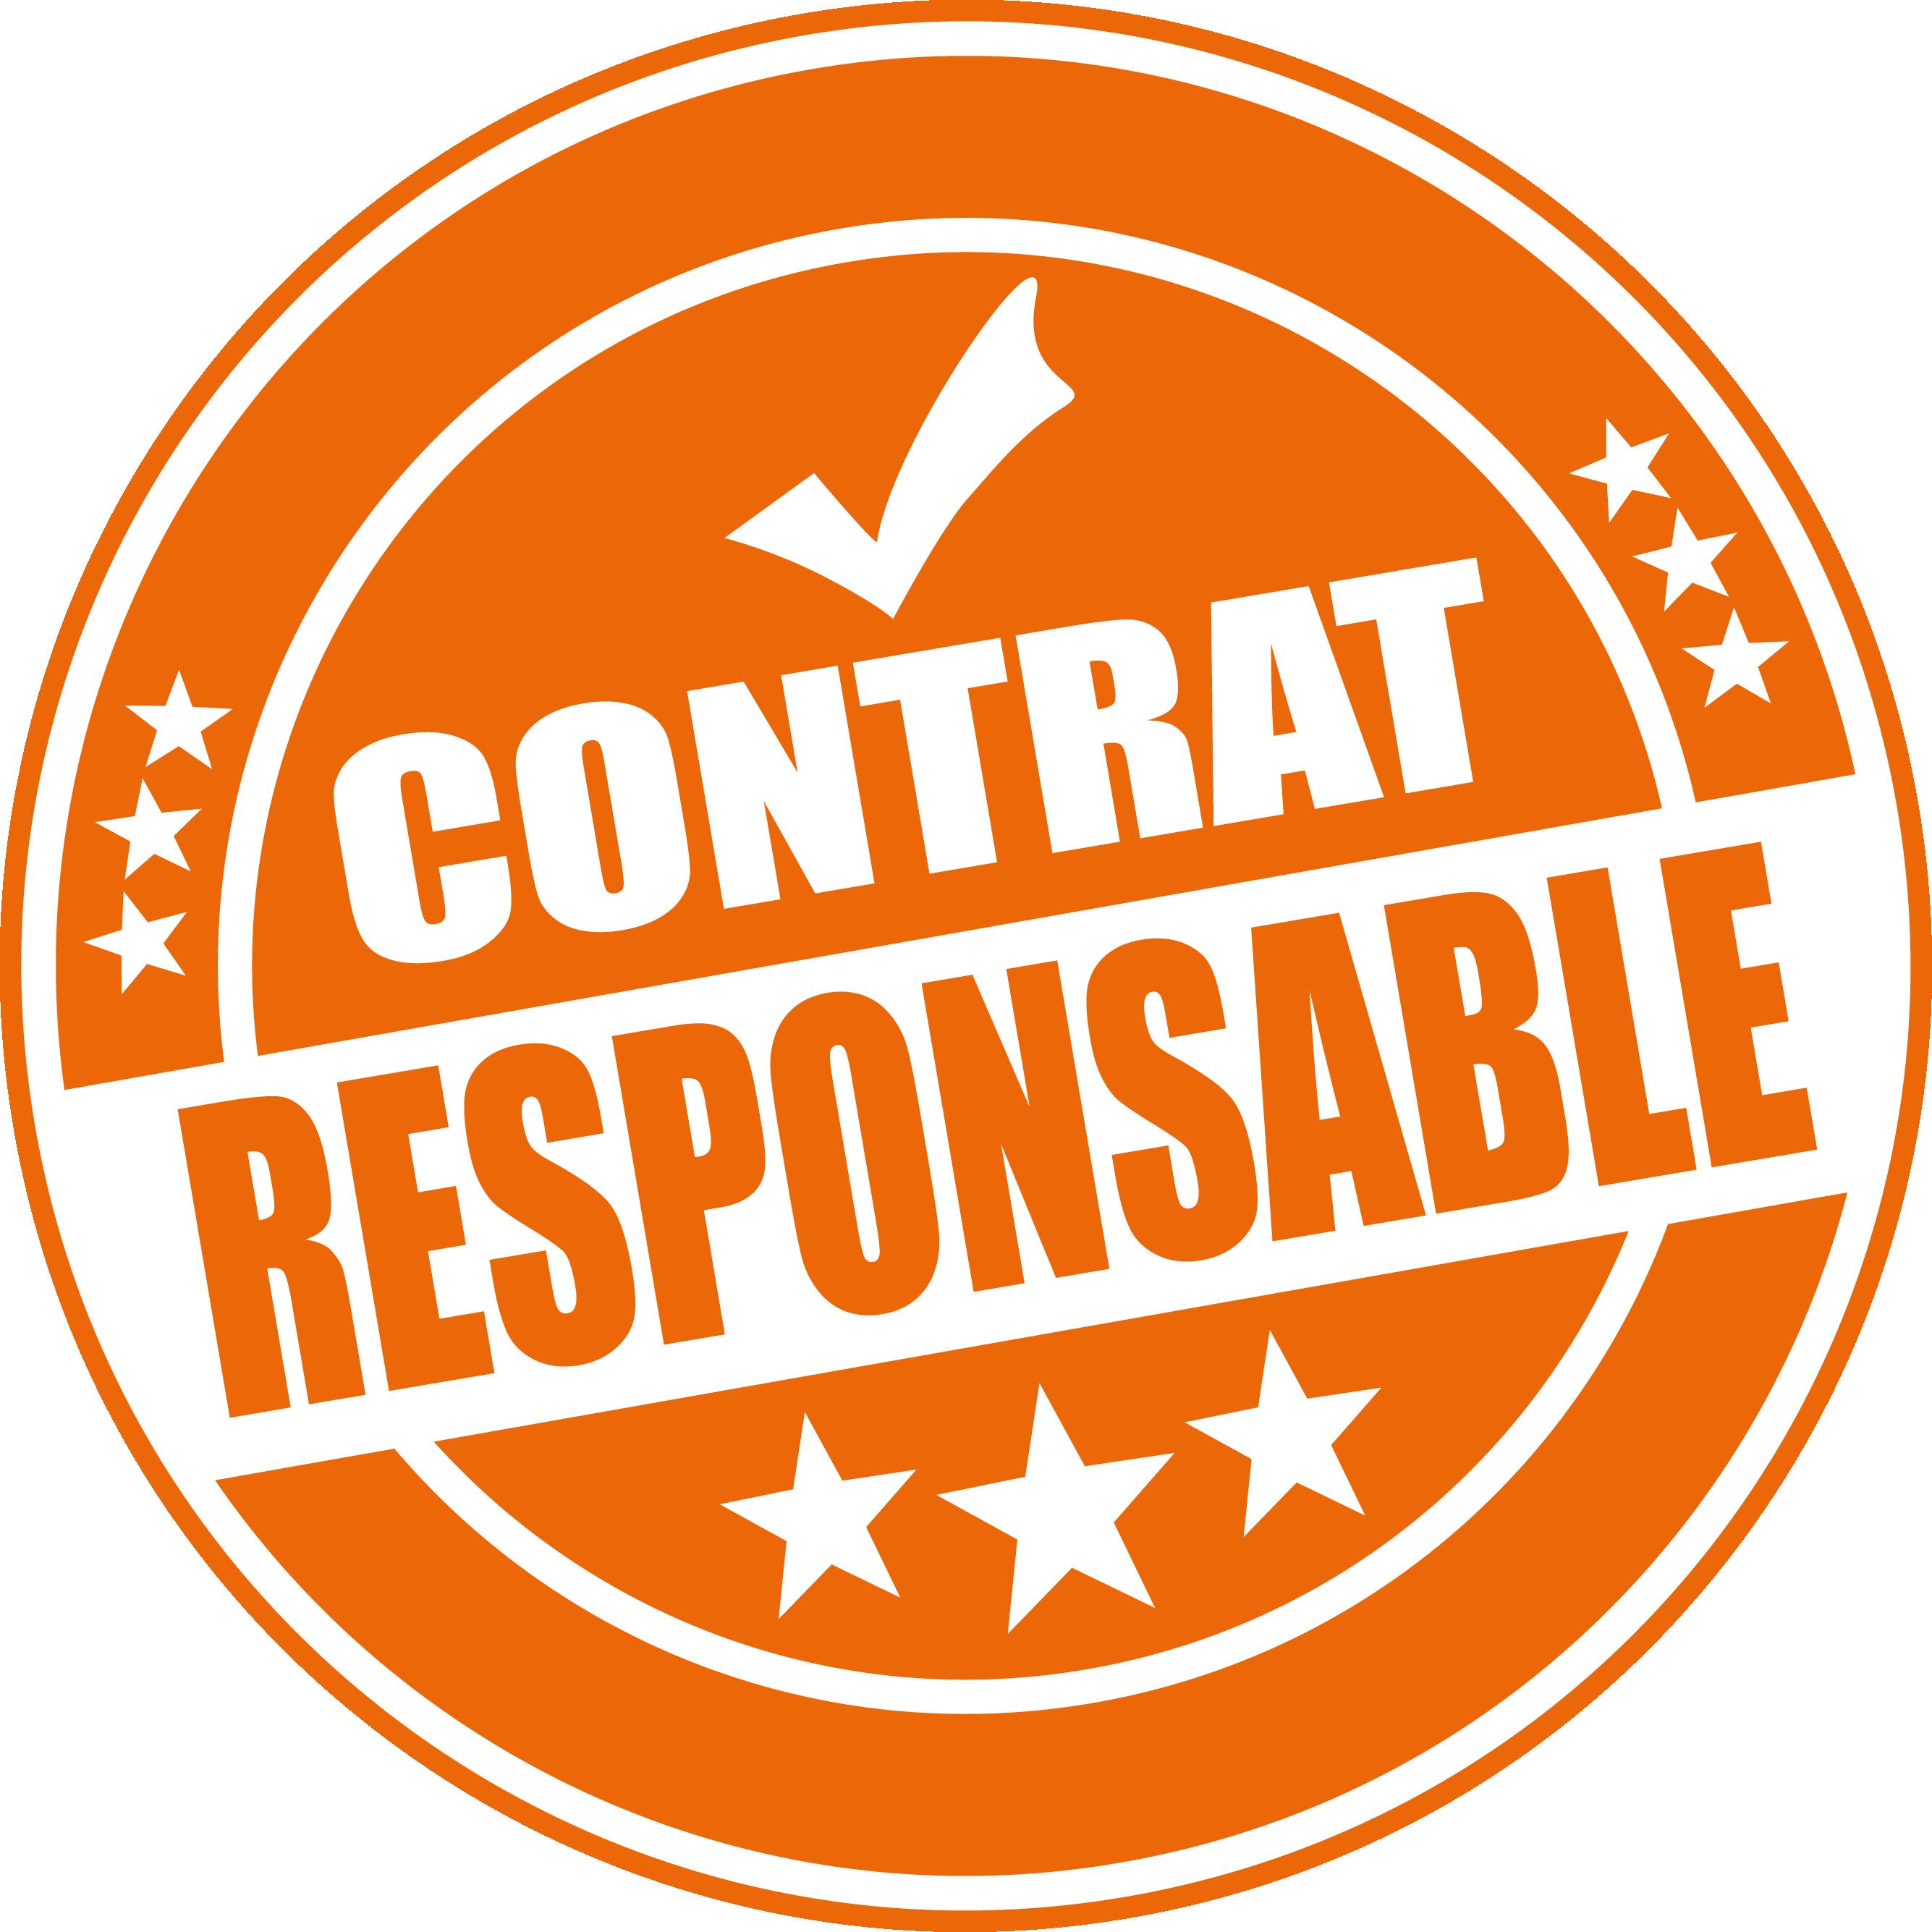 IRP AUTO - contrats santé responsbles